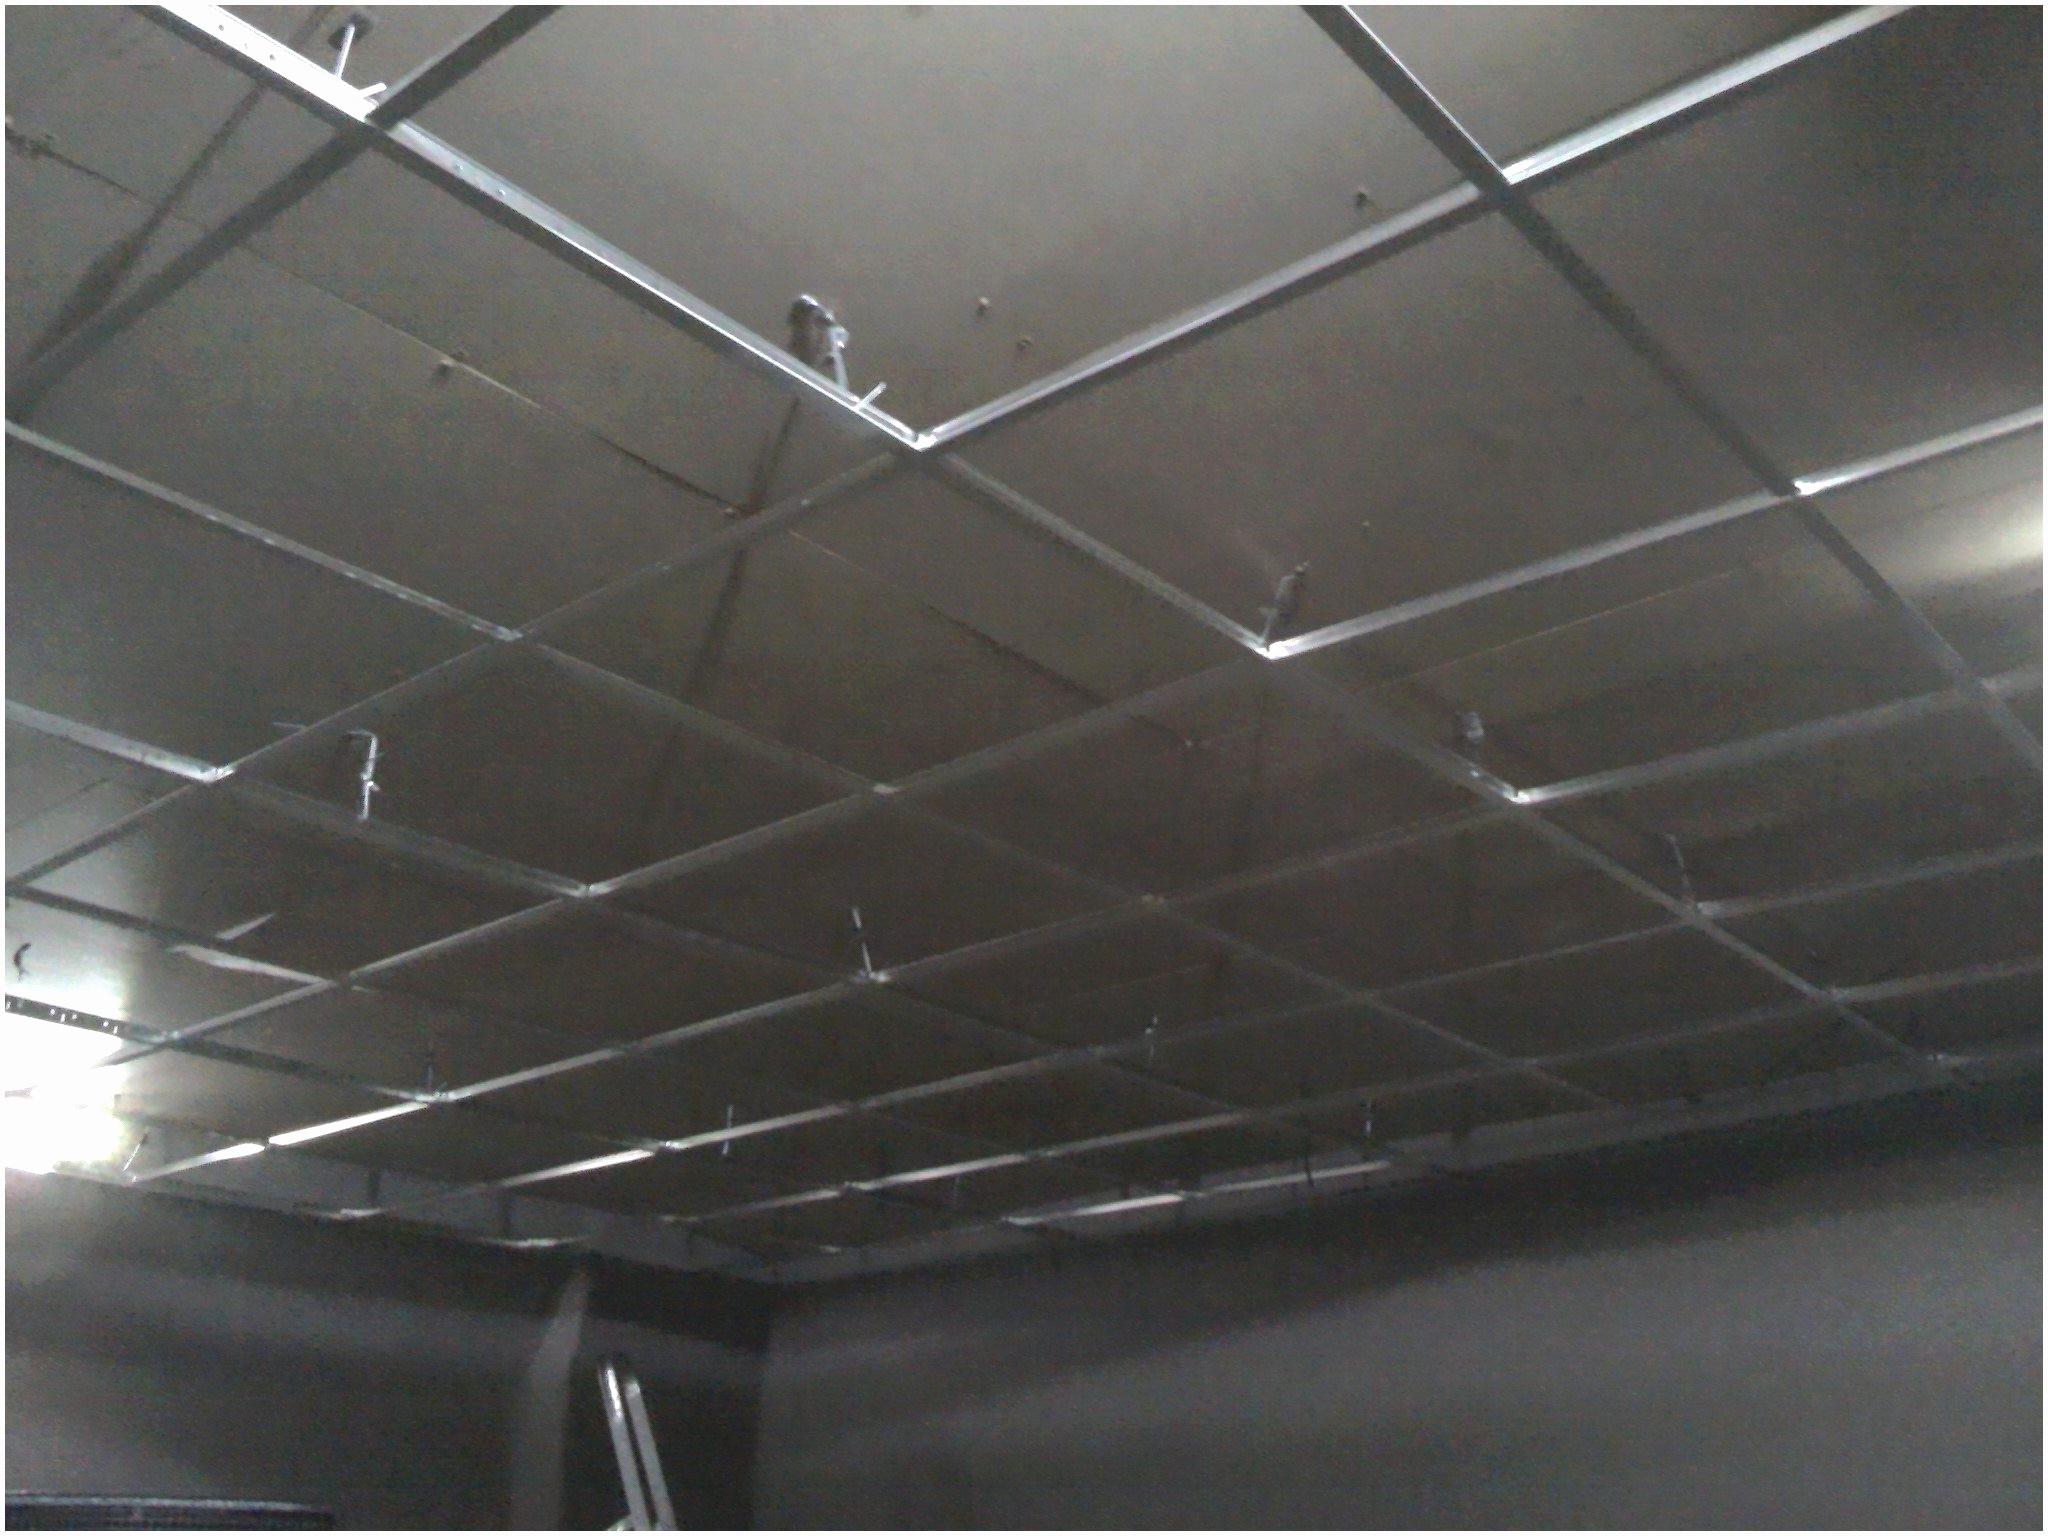 Dalle Faux Plafond 60X60 Brico Depot Source D'inspiration ... serapportantà Dalle Faux Plafond 60X60 Brico Dépôt